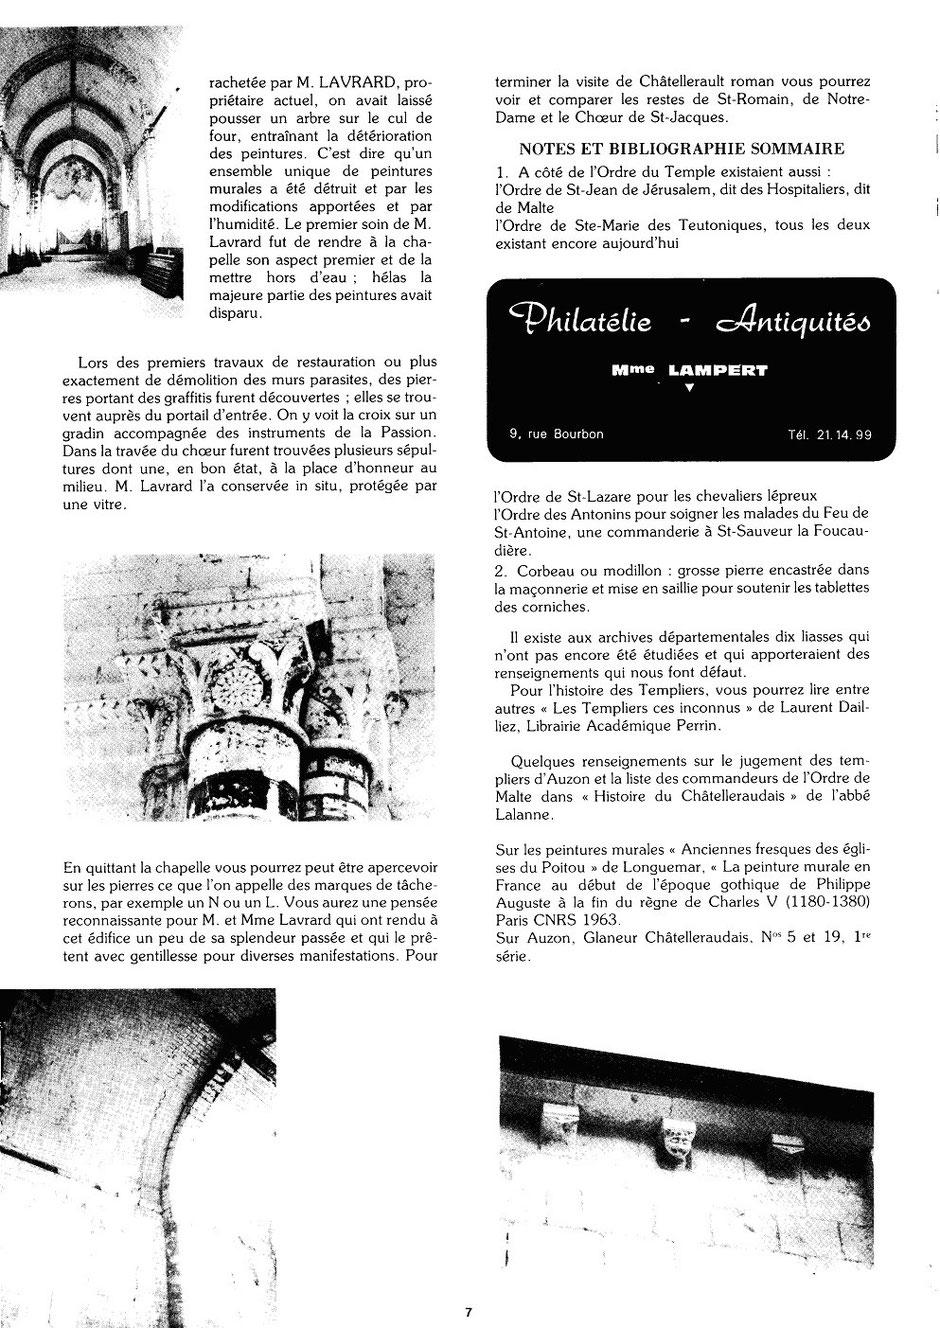 Le Glaneur Châtelleraudais – n° 52 – La commanderie d'Auzon - 1978 p.7